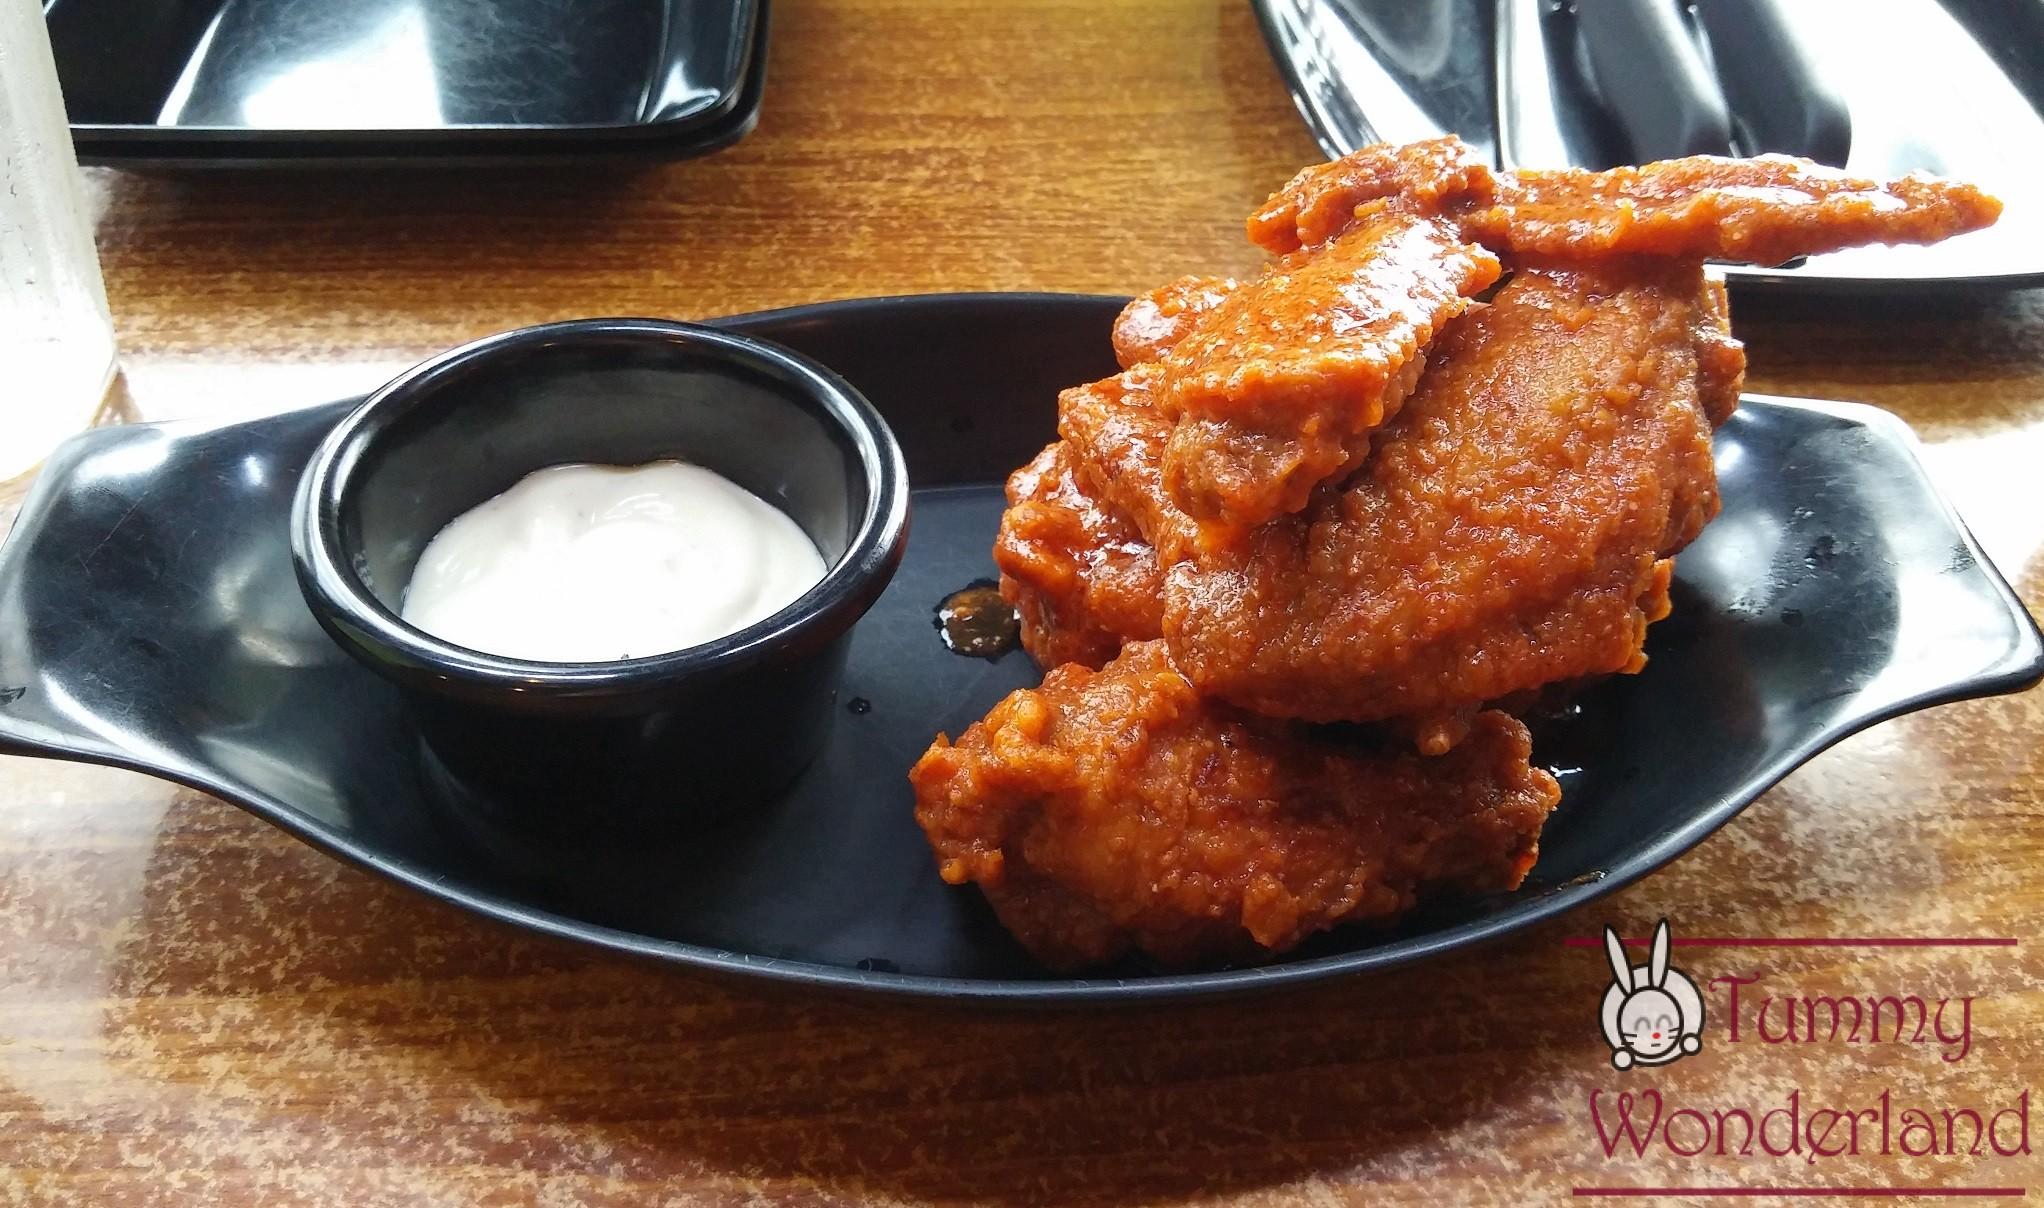 BnB_wings